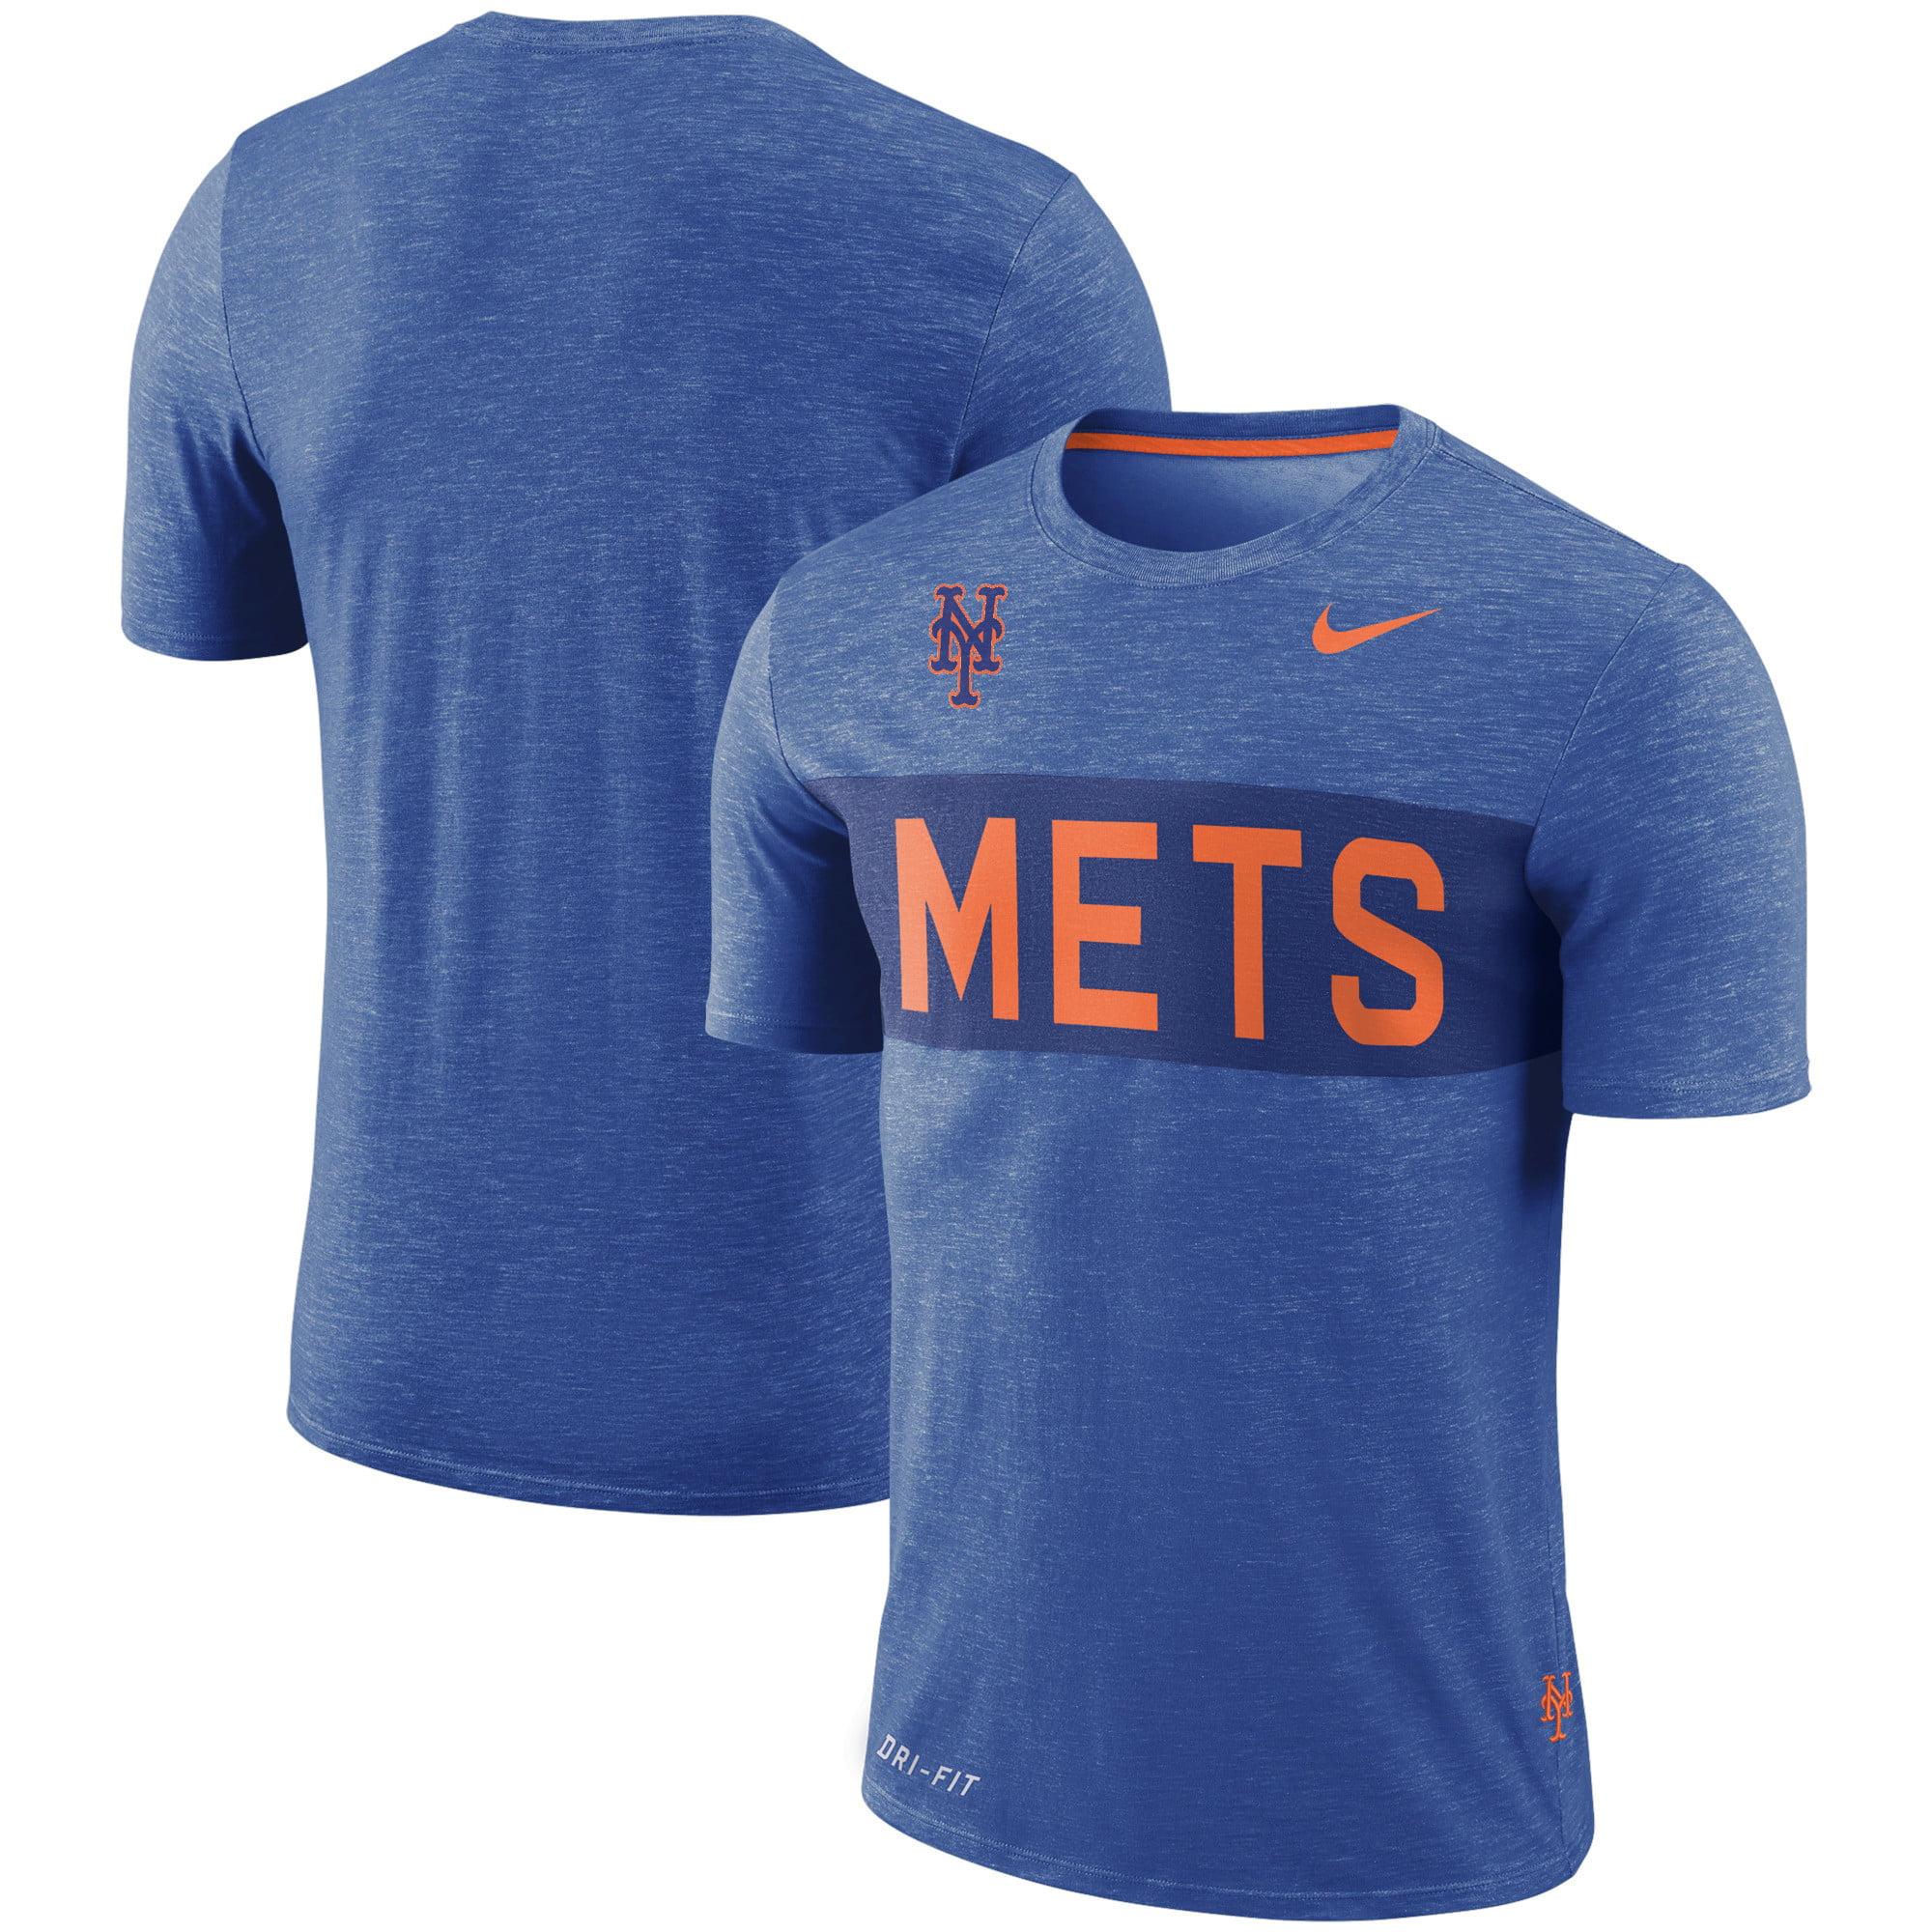 New York Mets Nike Slub Stripe Performance T-Shirt - Royal